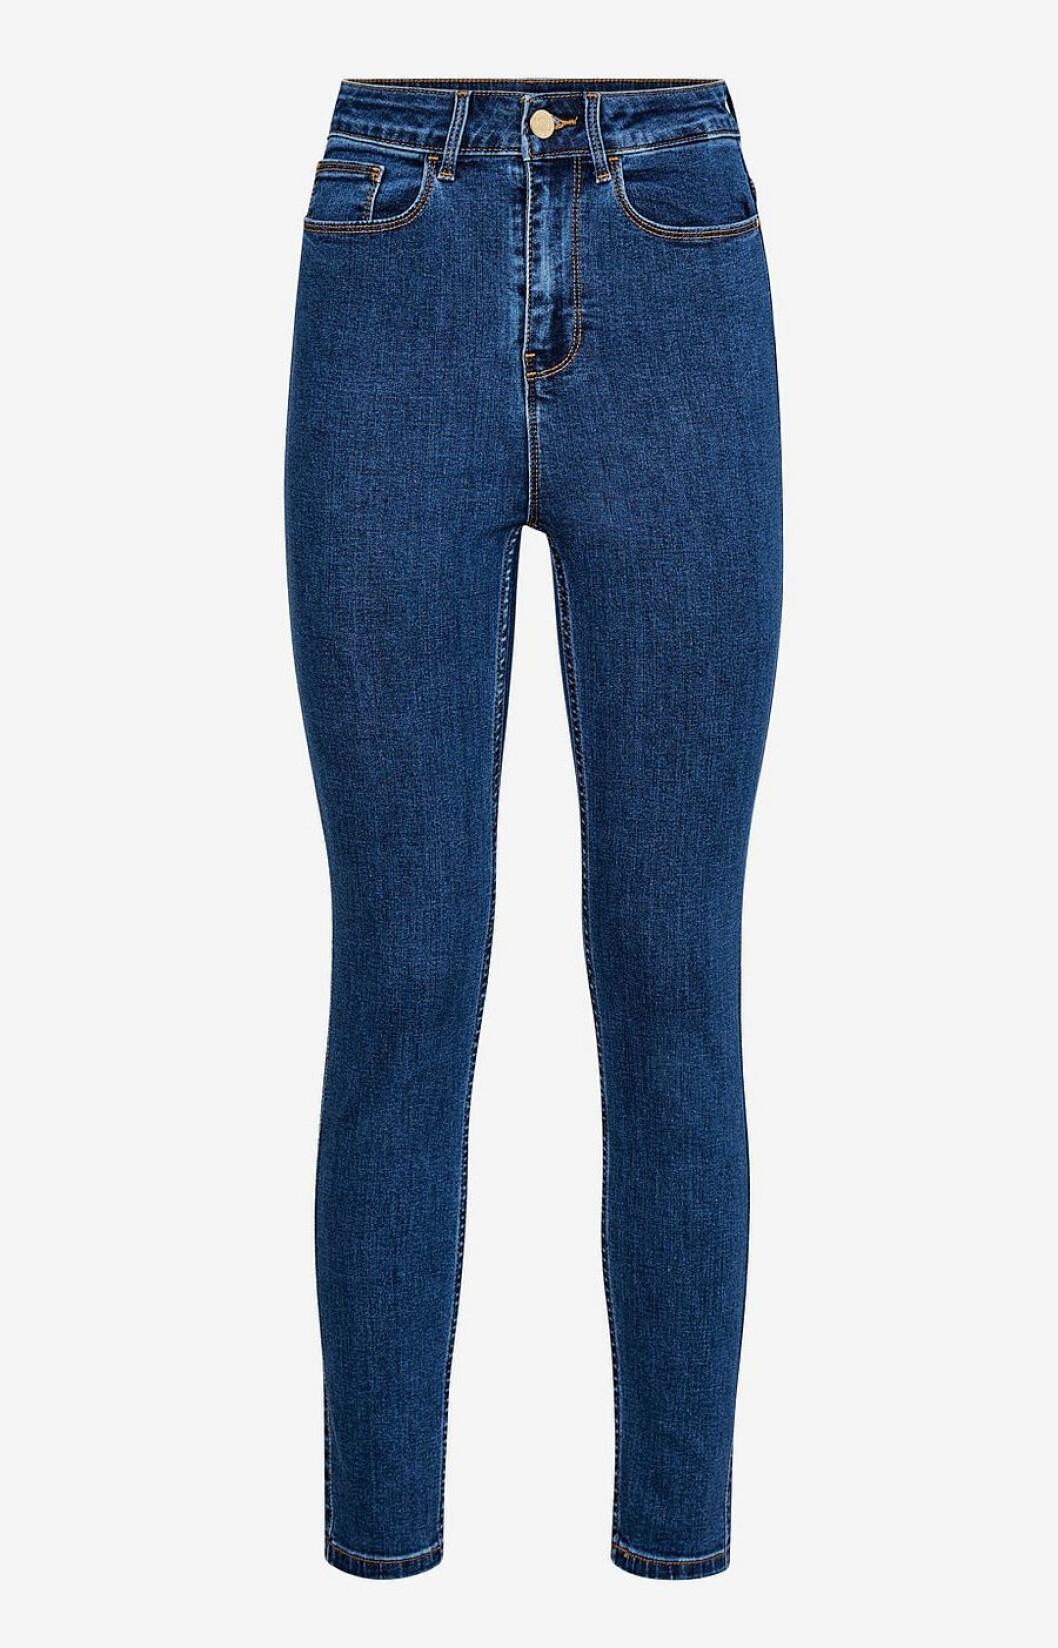 Jeans för dam till våren 2019 stuprörsjeans